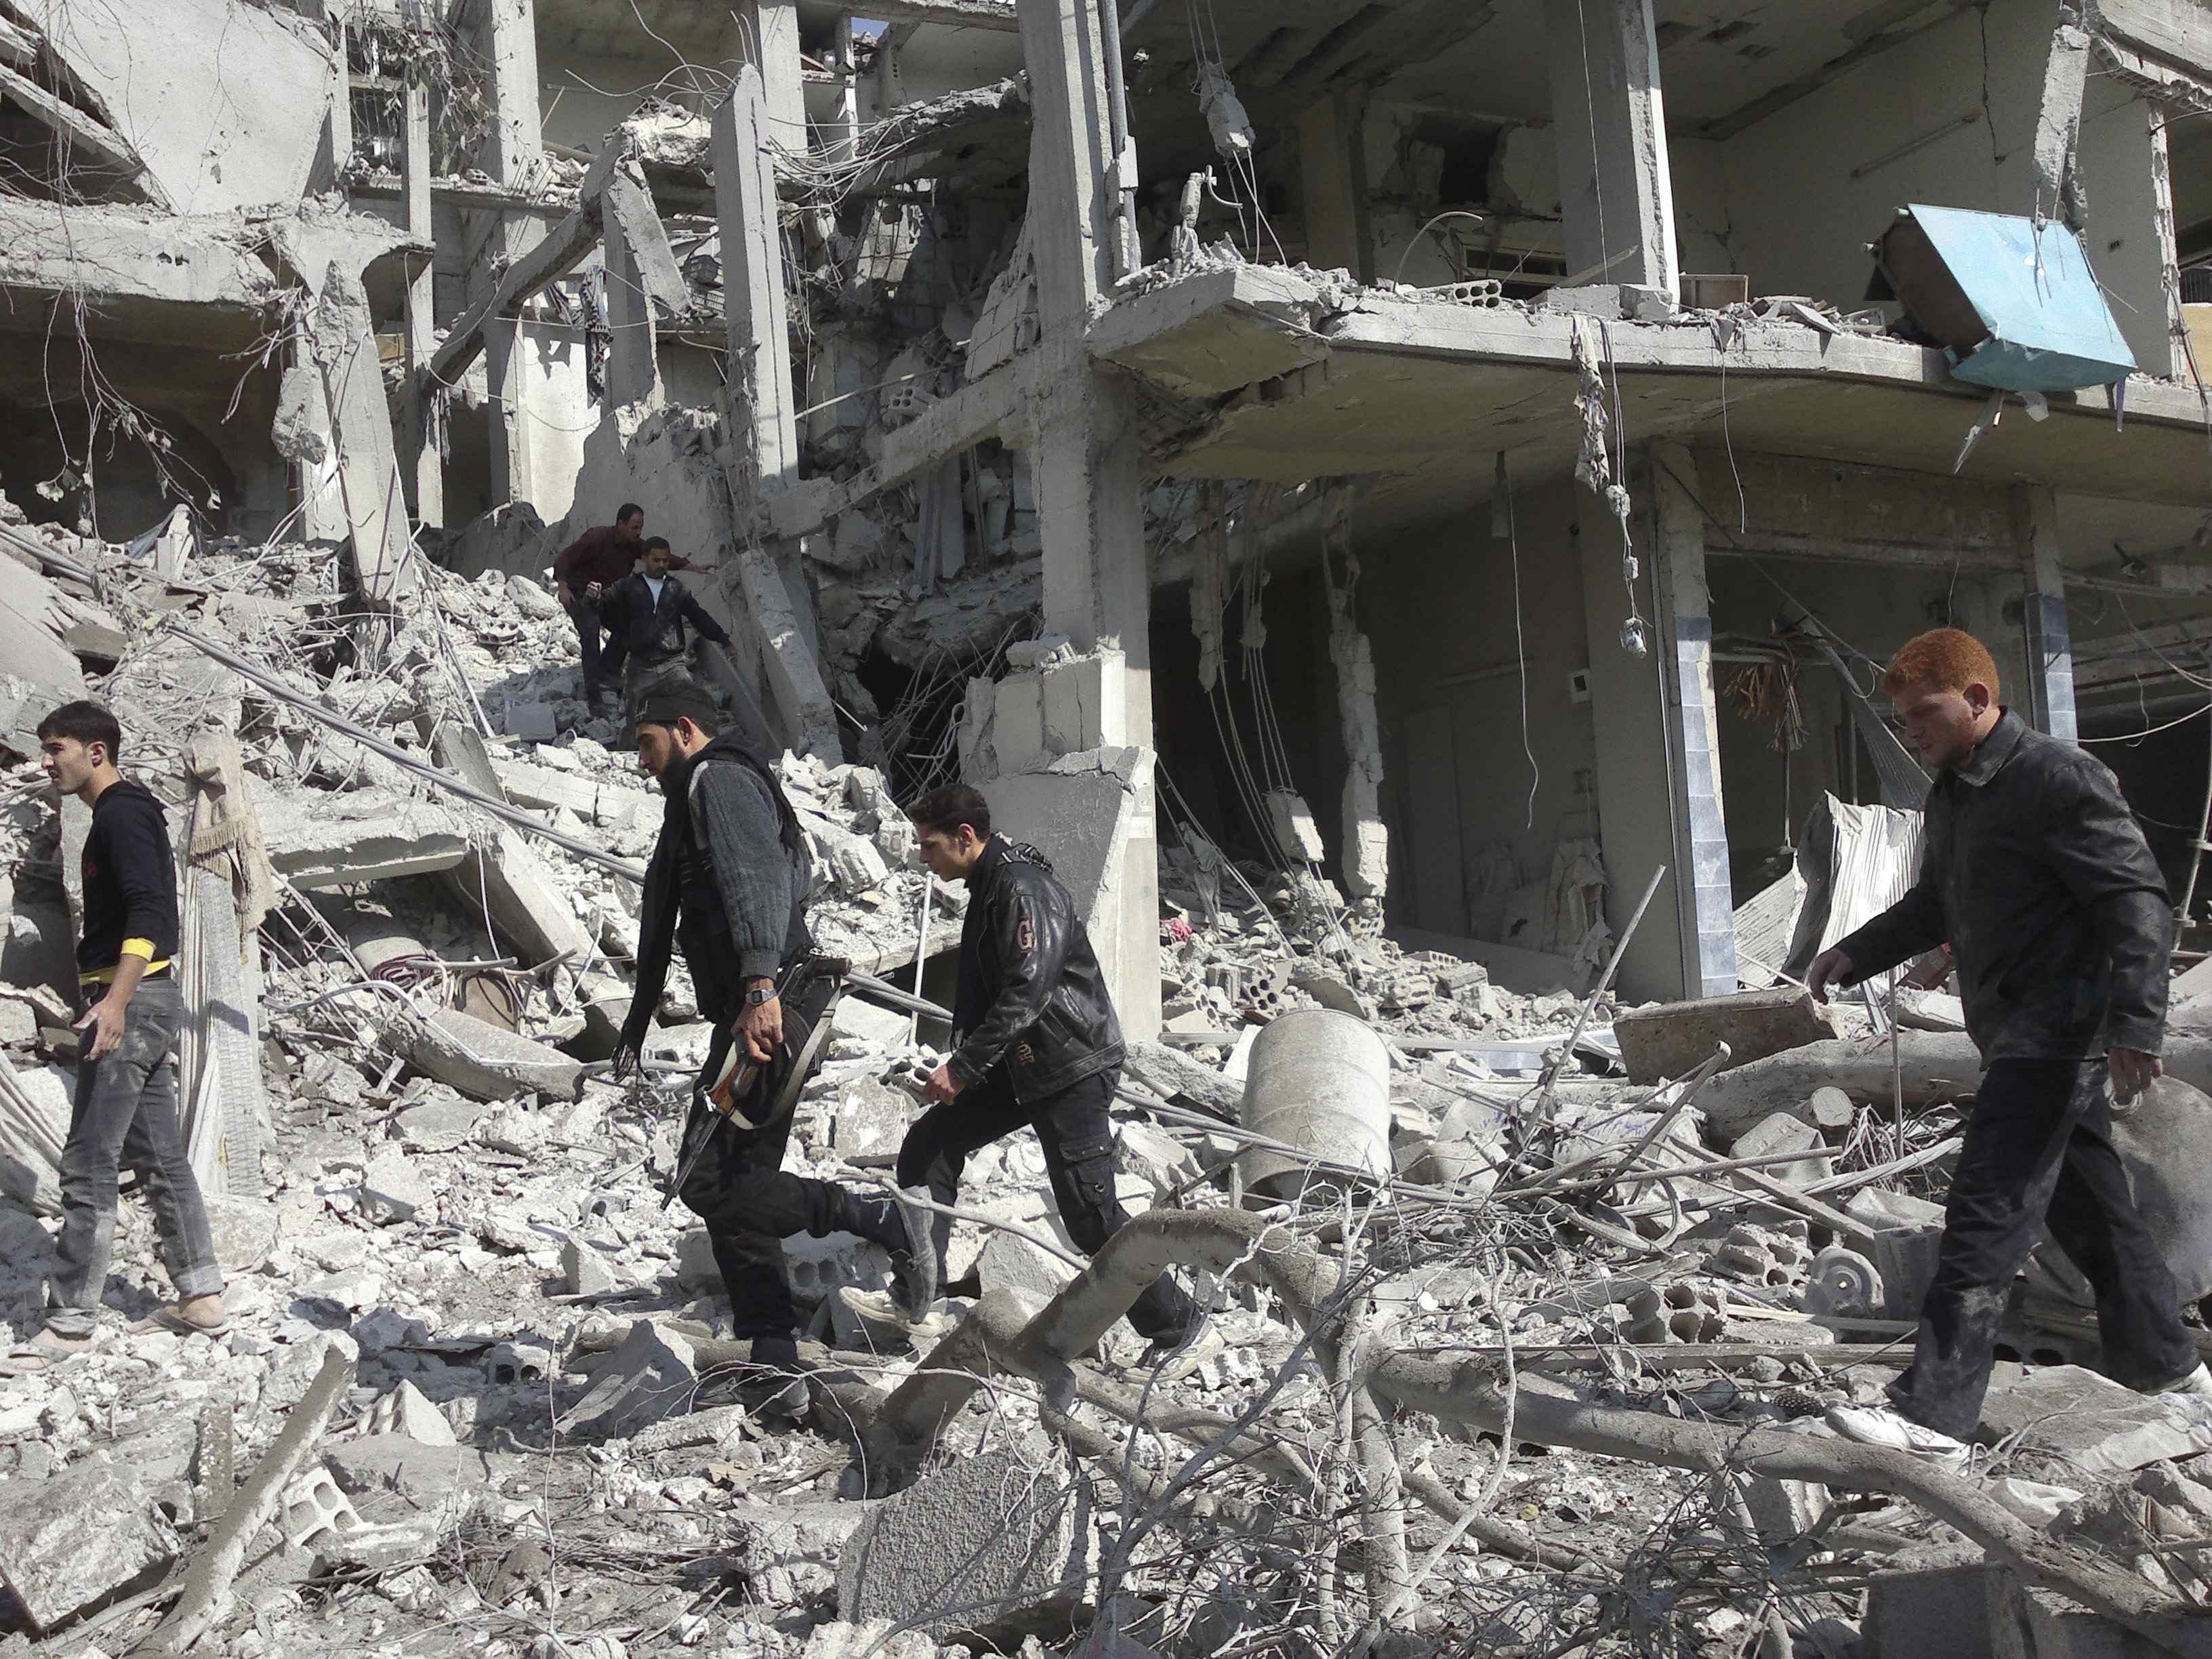 نشرة أخبار سوريا- أكثر من 700 غارة جوية على حلب خلال اليومين الماضيين، والعبدة يؤكد على ضرورة دخول قوات